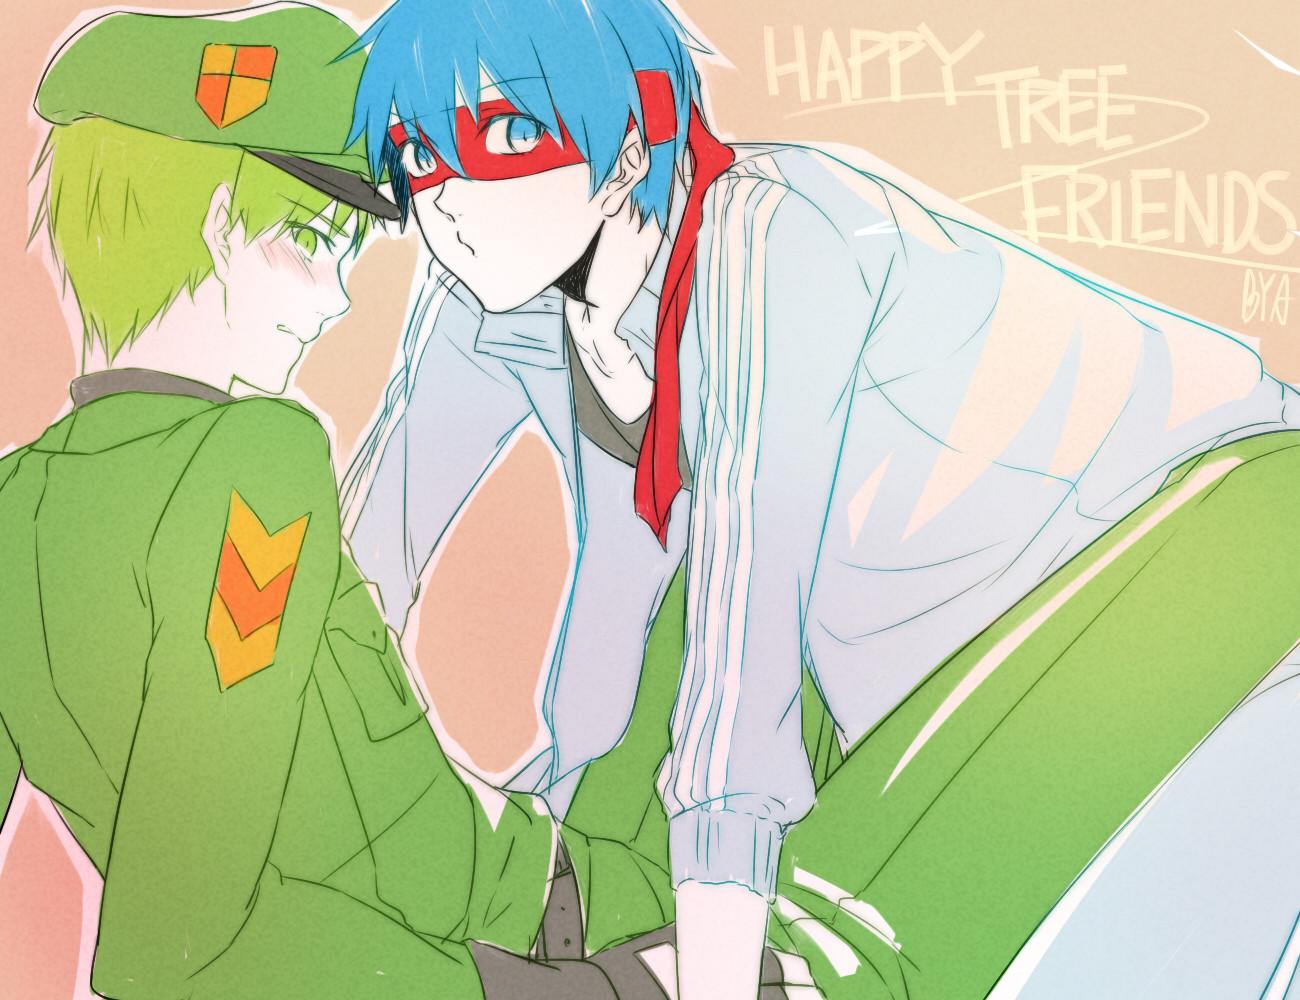 Happy Tree Friends/#1459104 - Zerochan